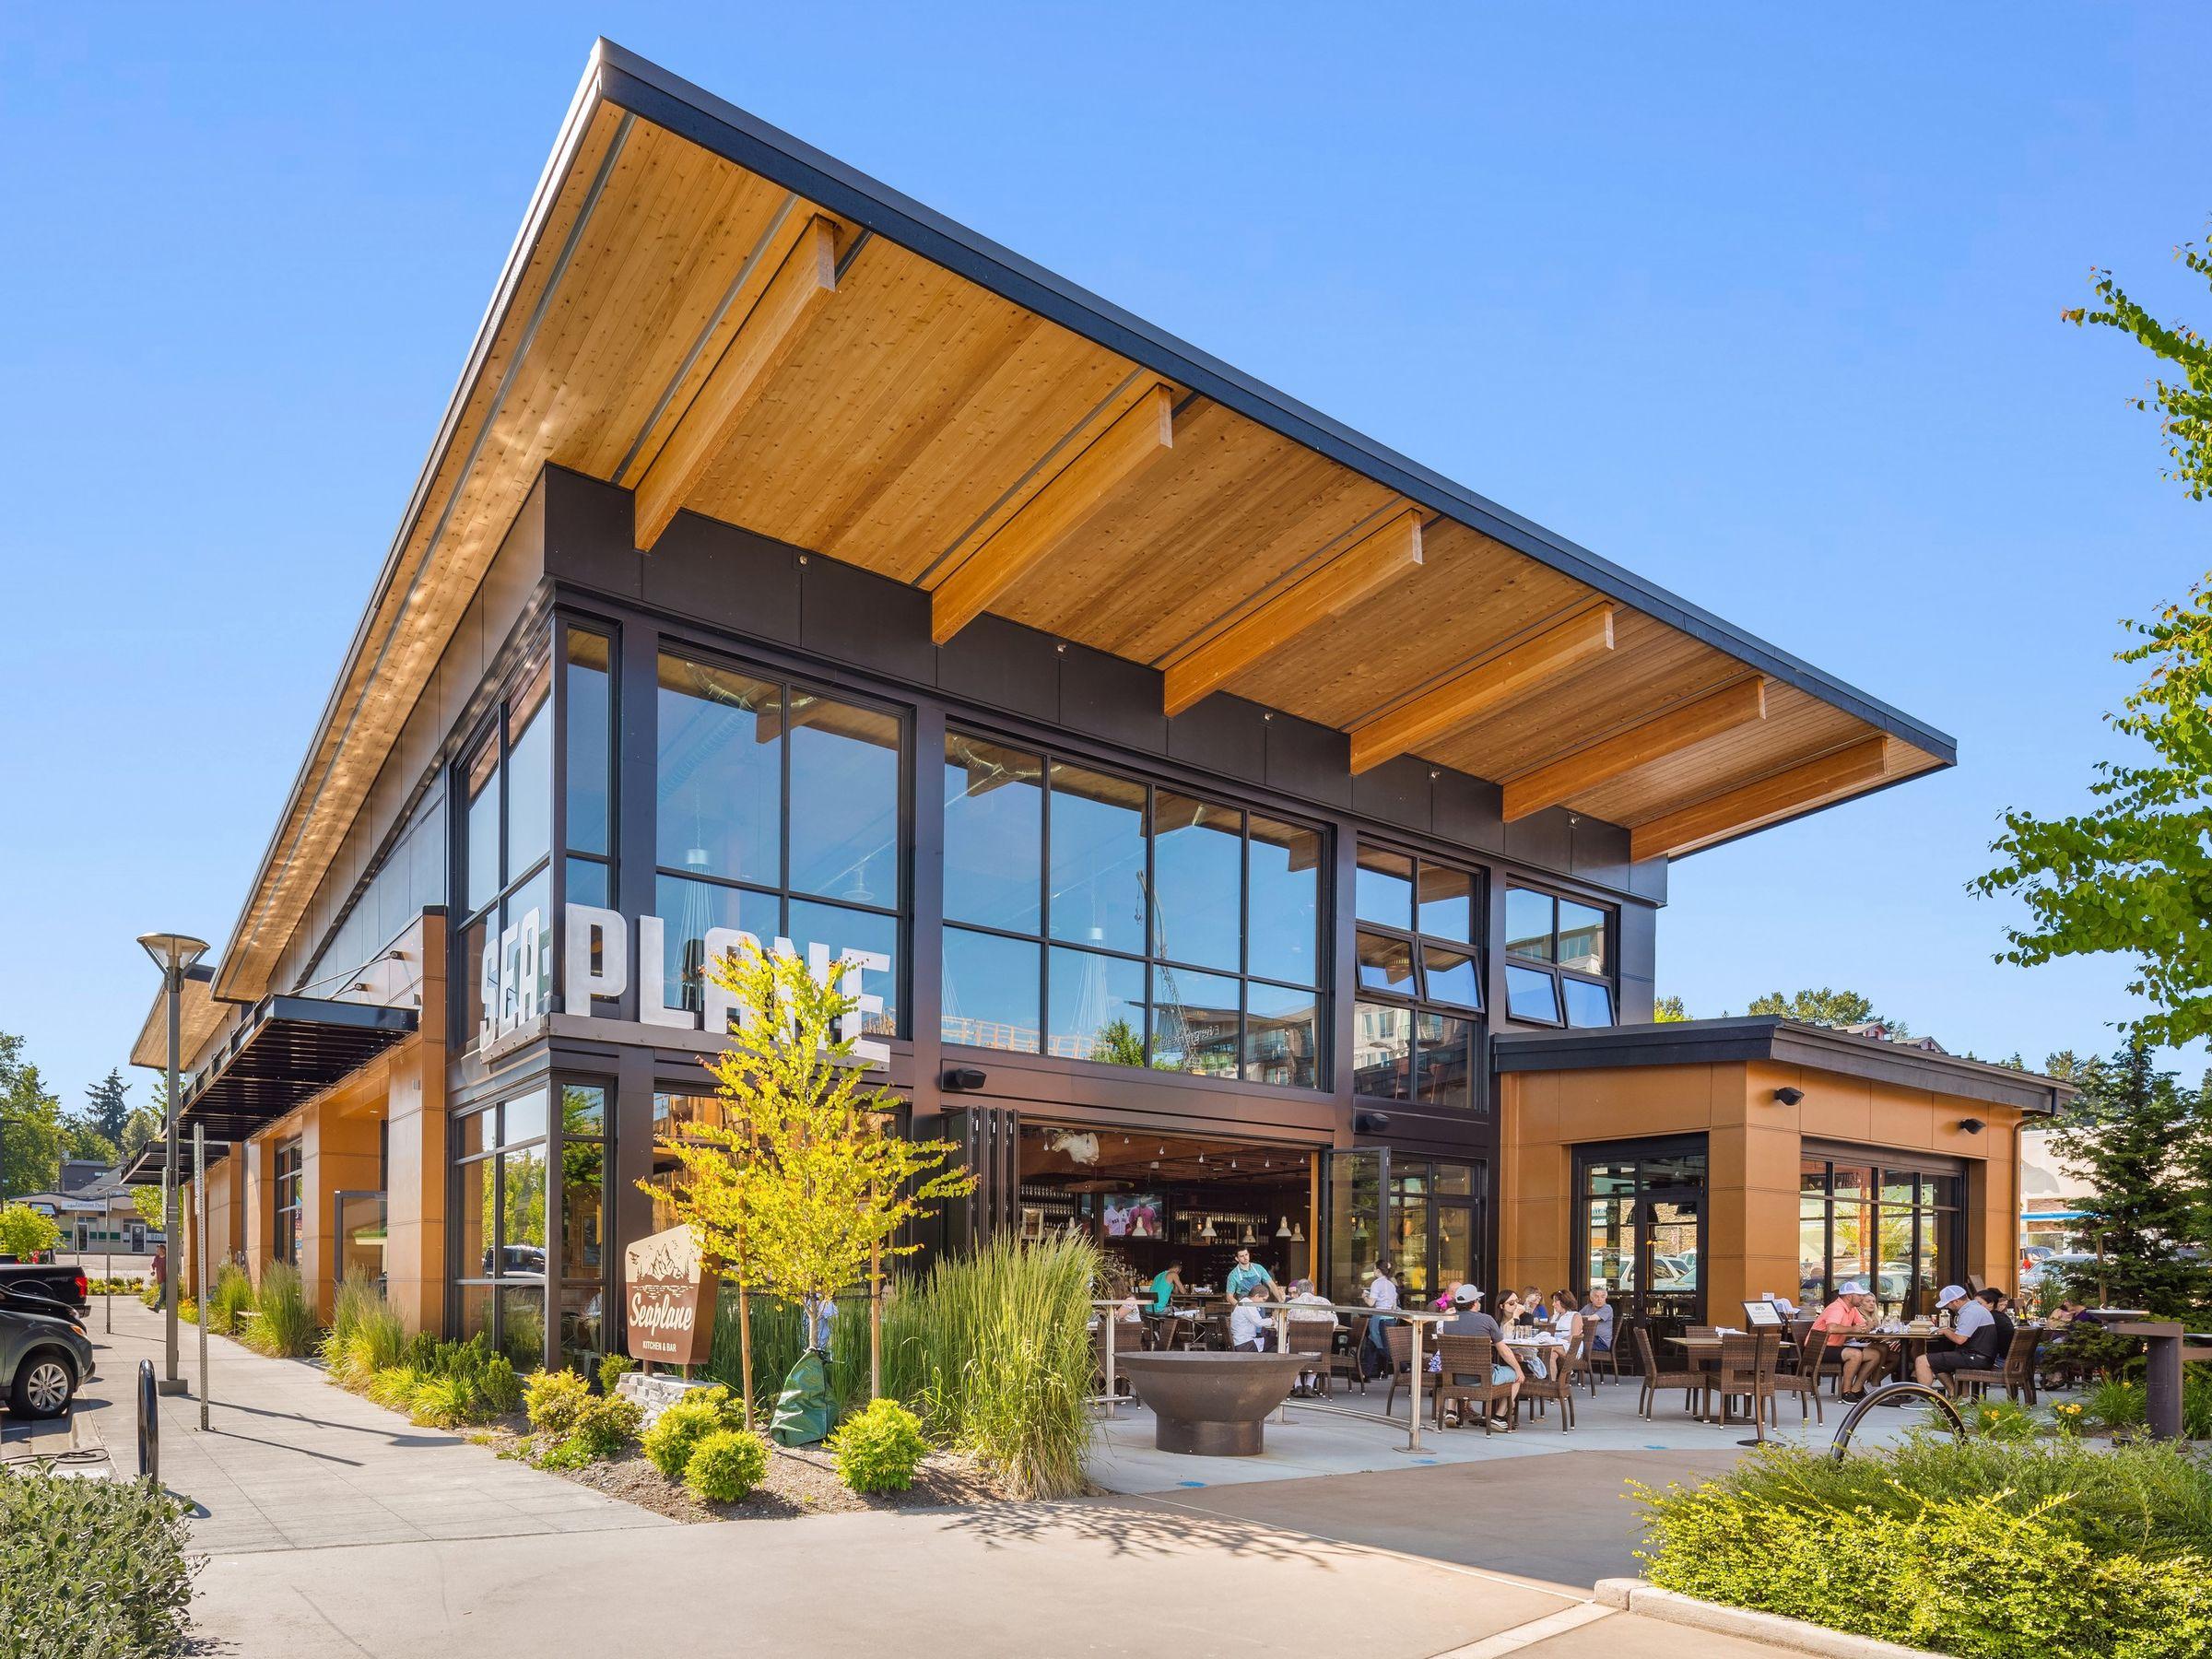 mau quan cafe cay xanh dep hinh that 4 Mẫu thiết kế quán cafe sân vườn đẹp giúp kinh doanh sinh lời giữ chân khách hàng trung thành